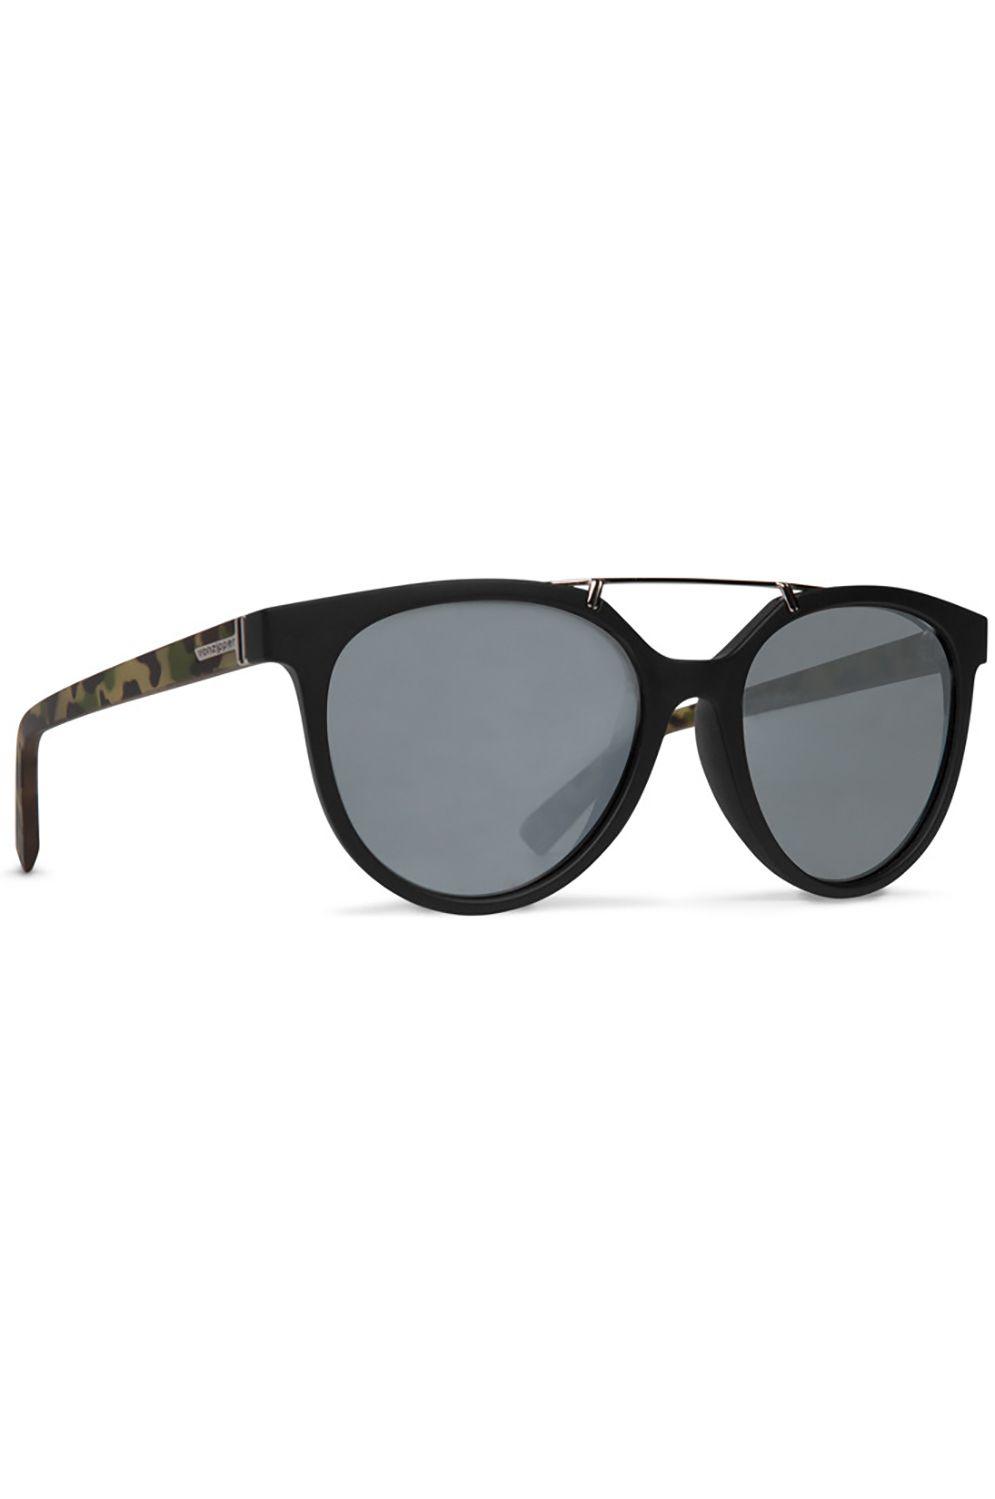 Oculos VonZipper HITSVILLE Black Satin Camo / Grey Silver Flash Chrome